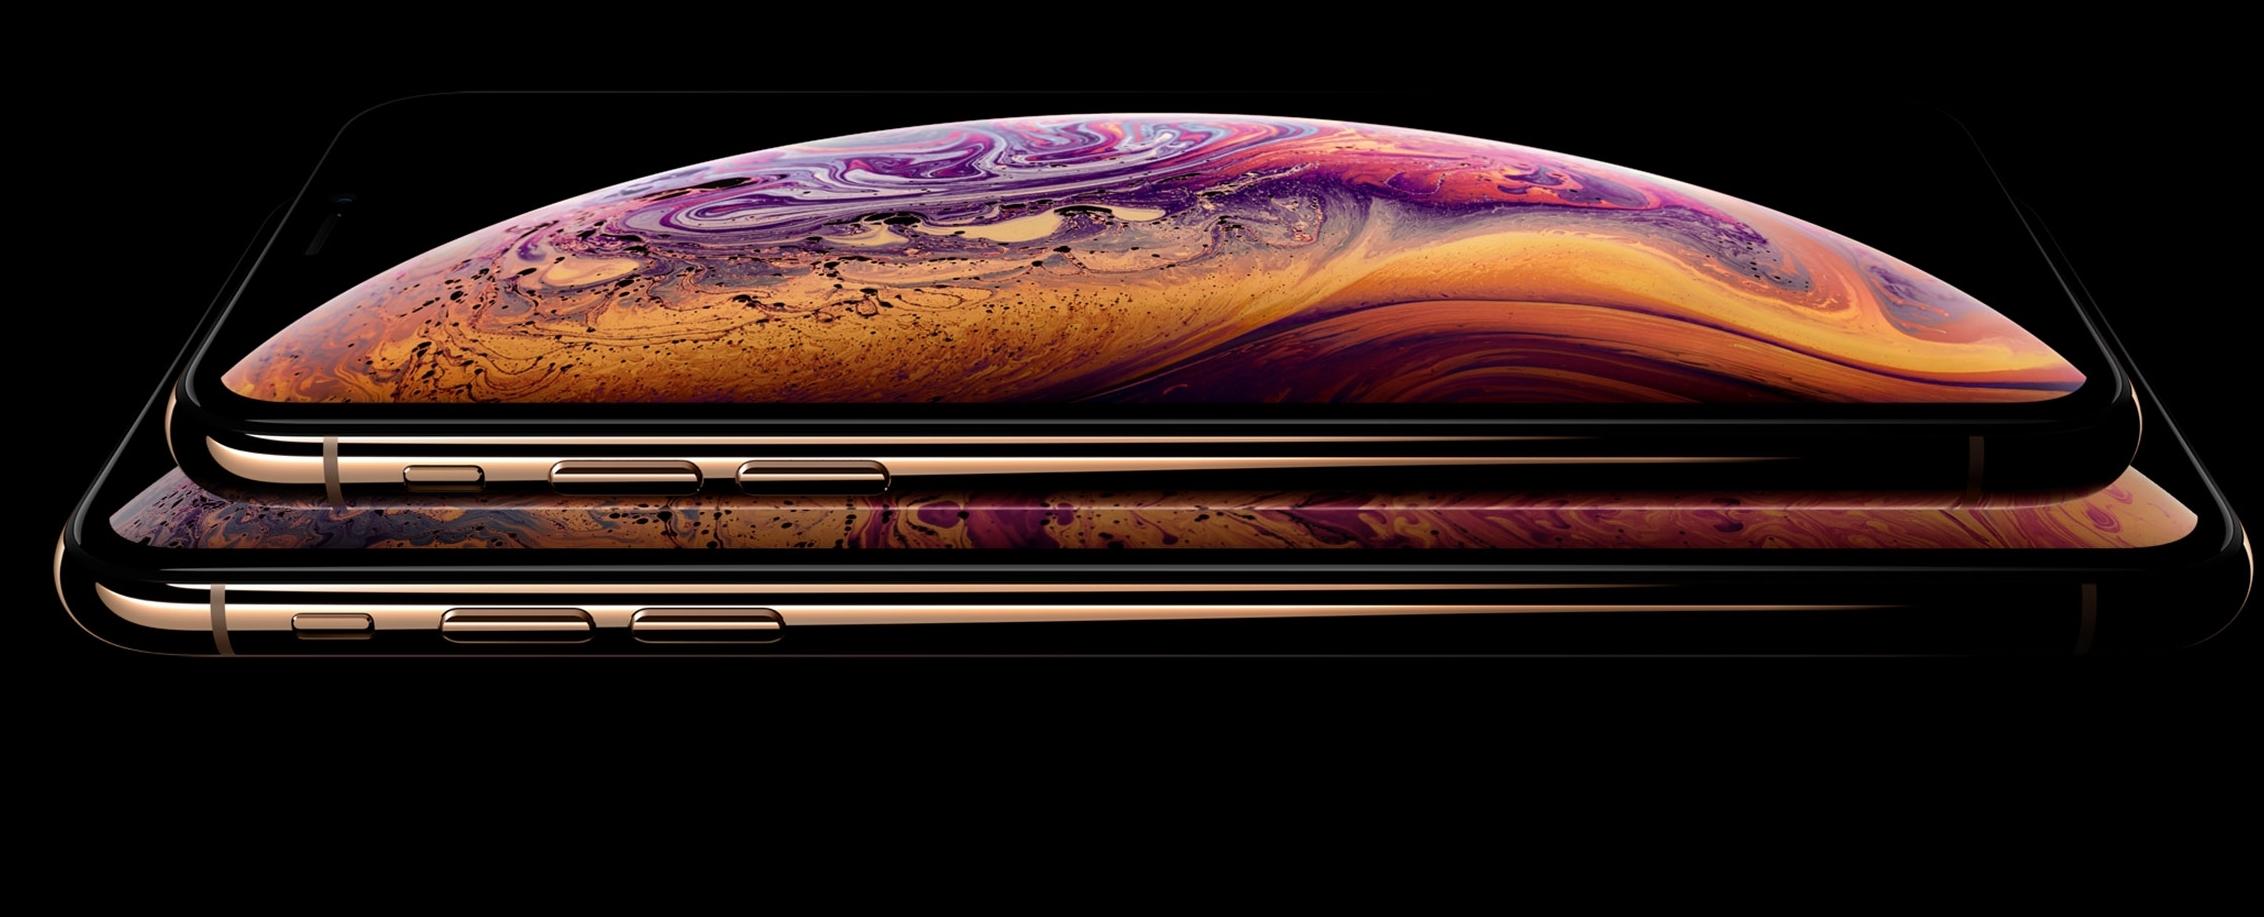 Slik tjener Apple masse på iPhone-kjøperne, selv om de kunne kuttet prisene